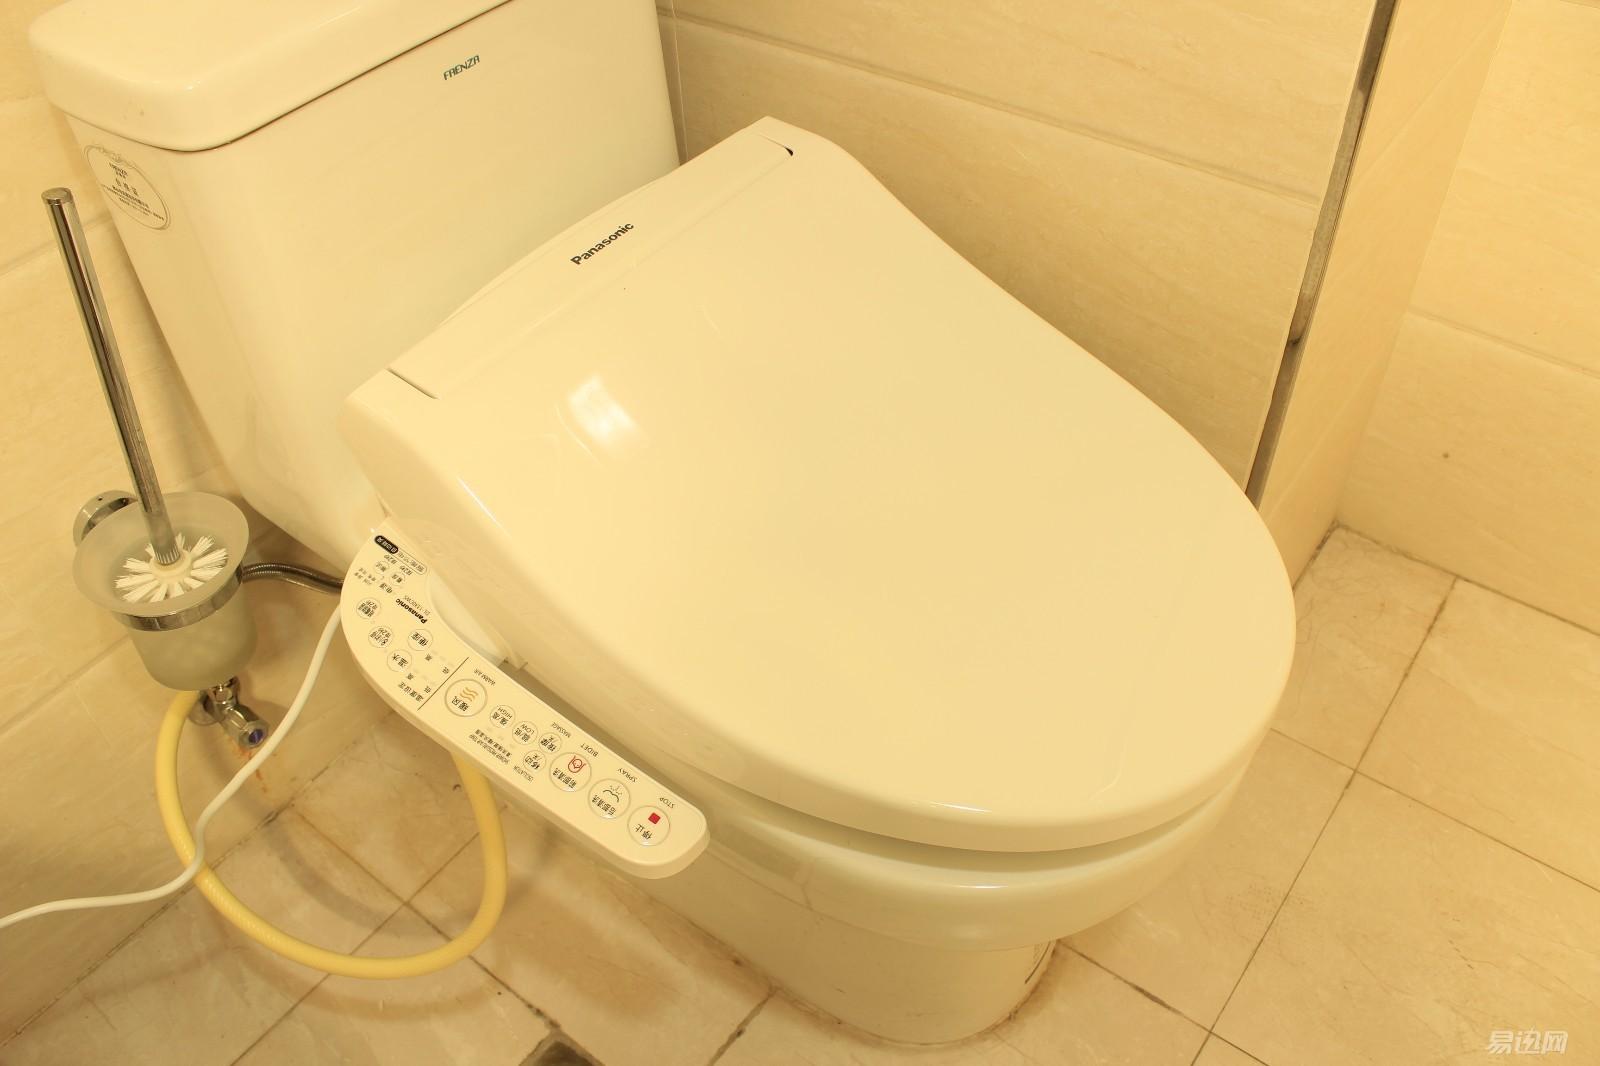 【第264期众测】卫生间暖男--松下1330cws智能马桶盖